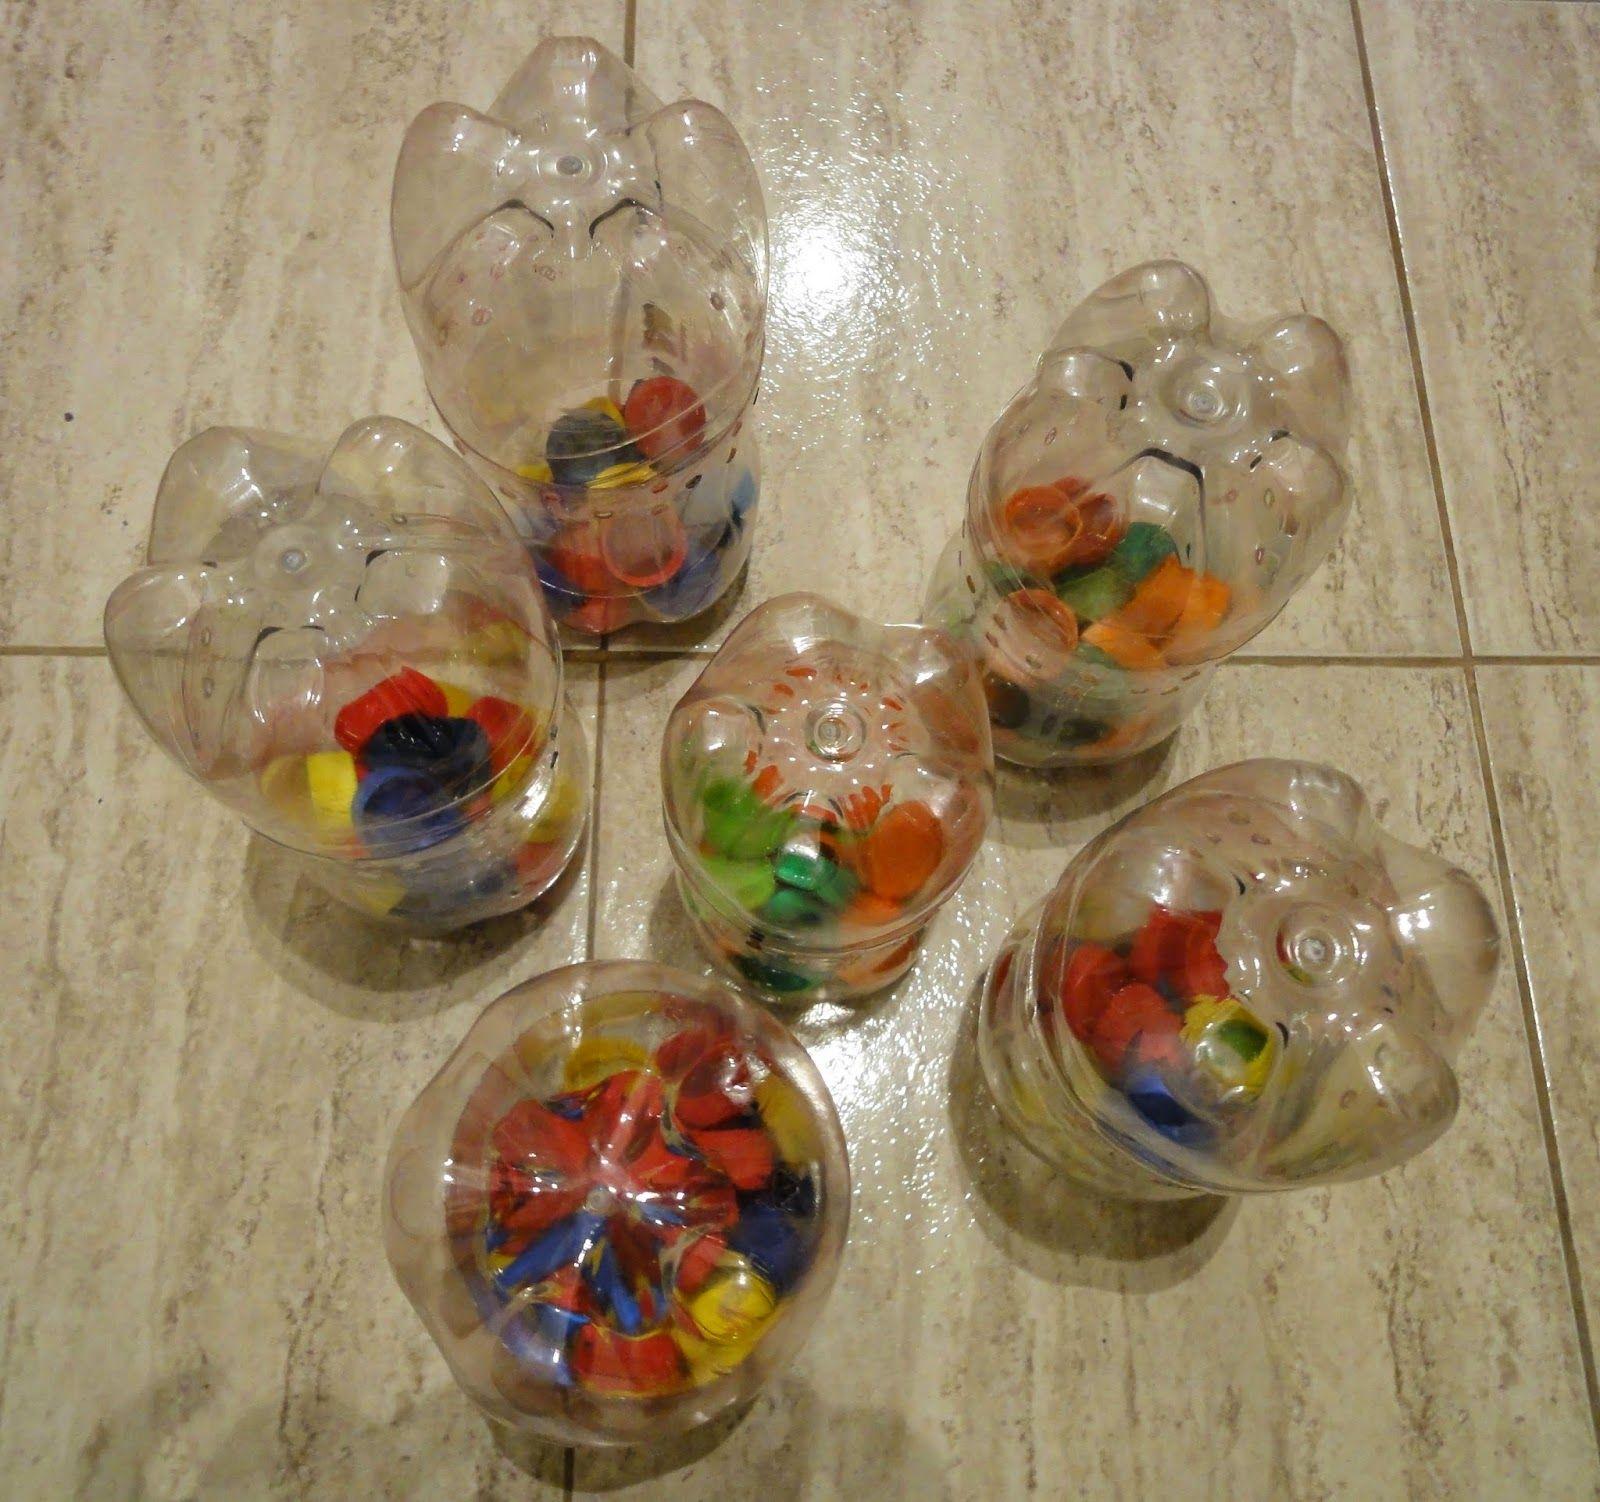 Hicimos Juegos Con Tapitas De Gaseosa Plástica En La Escuela Tapitas De Gaseosa Juegos Reciclados Para Niños Reciclaje De Botellas Plasticas